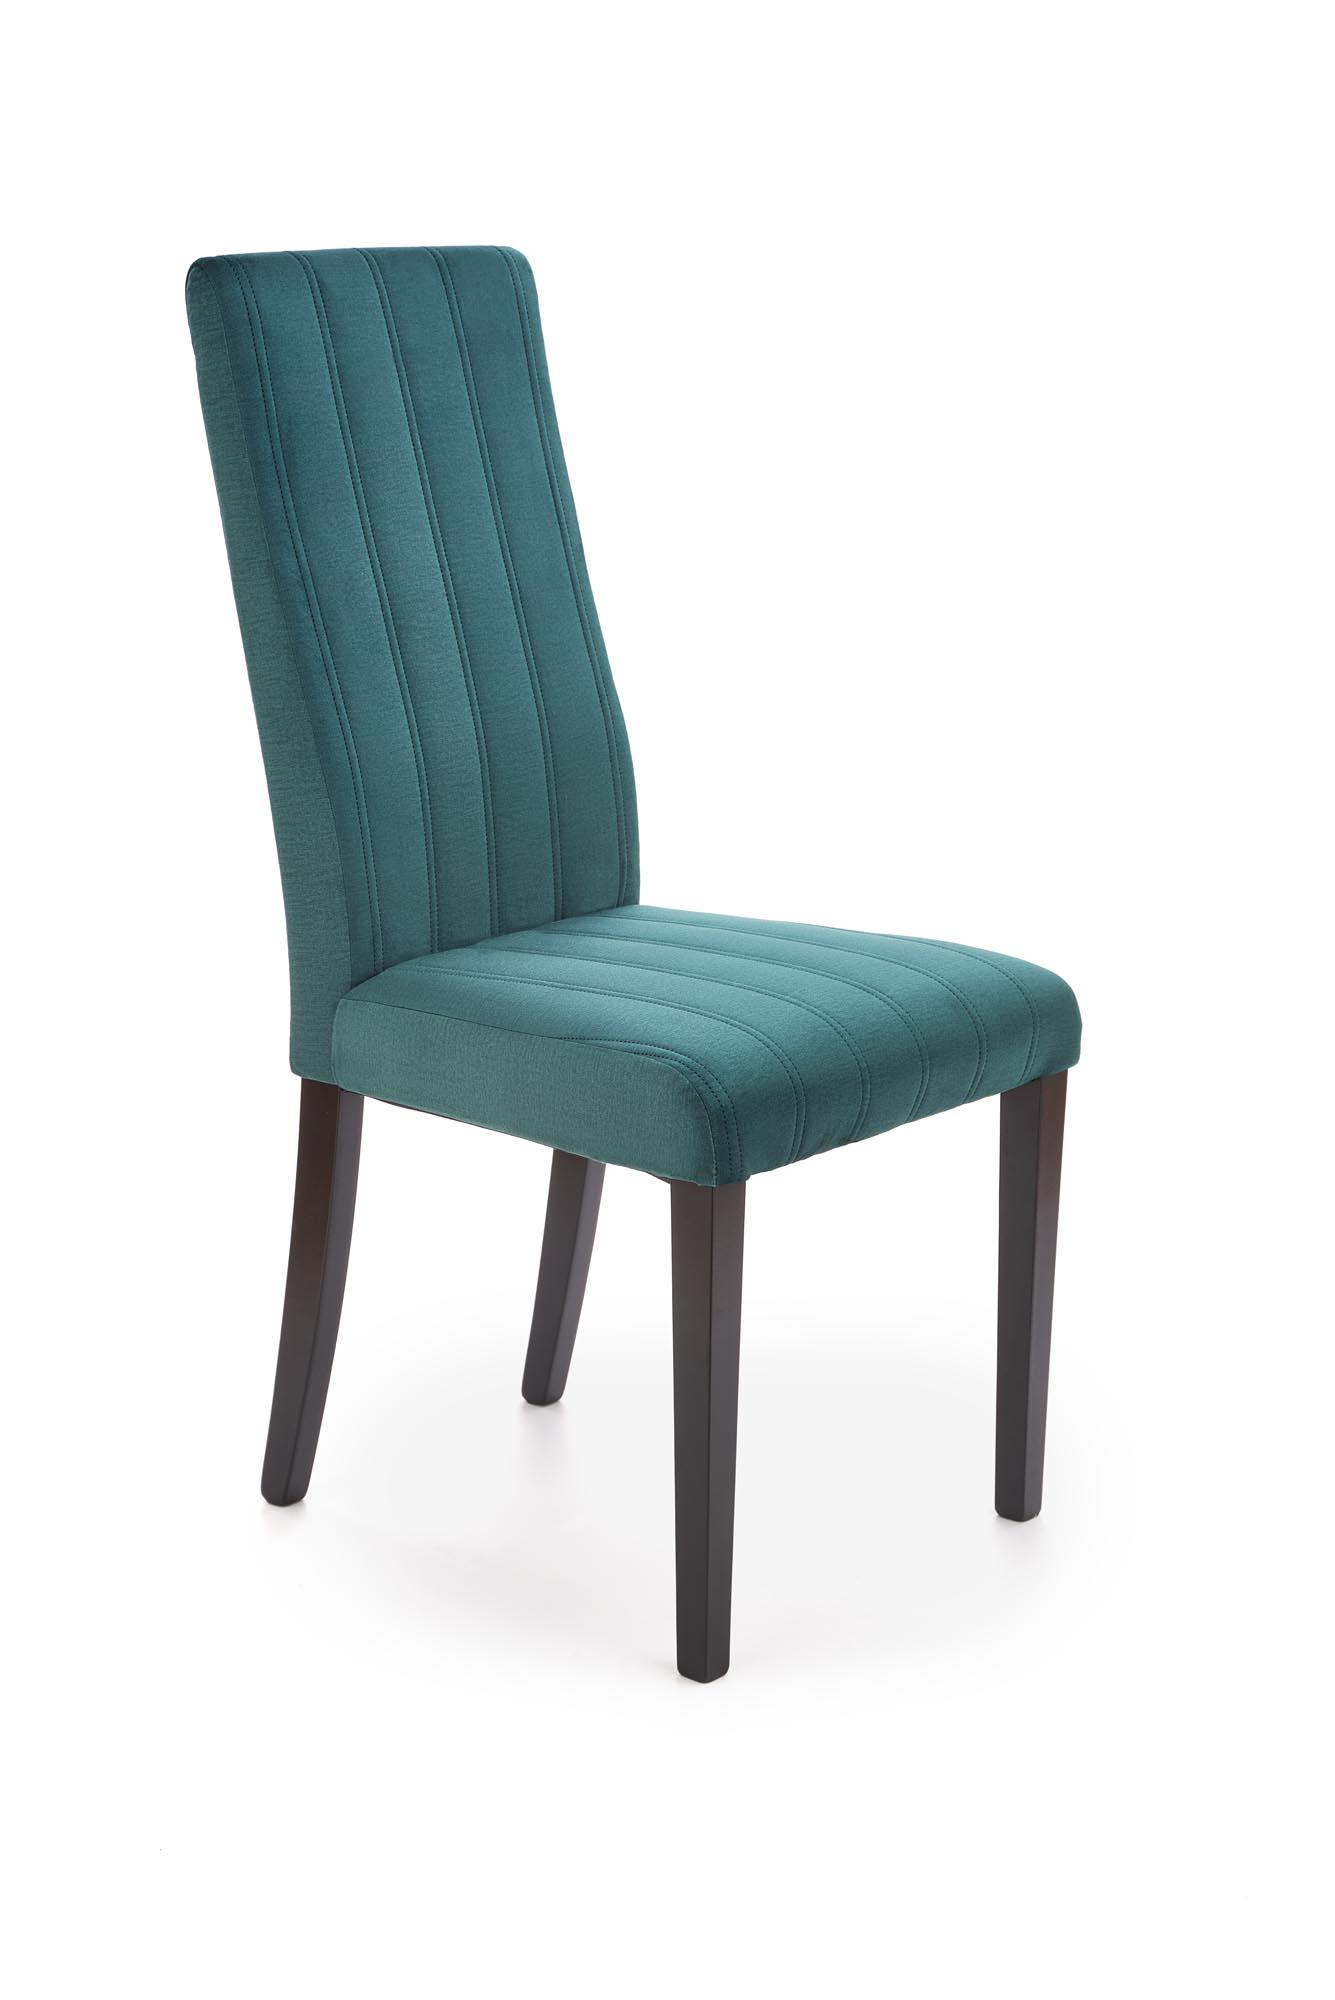 DIEGO 2 krzesło czarny / tap. velvet pikowany Pasy - MONOLITH 37 (ciemny zielony) (1p=1szt)